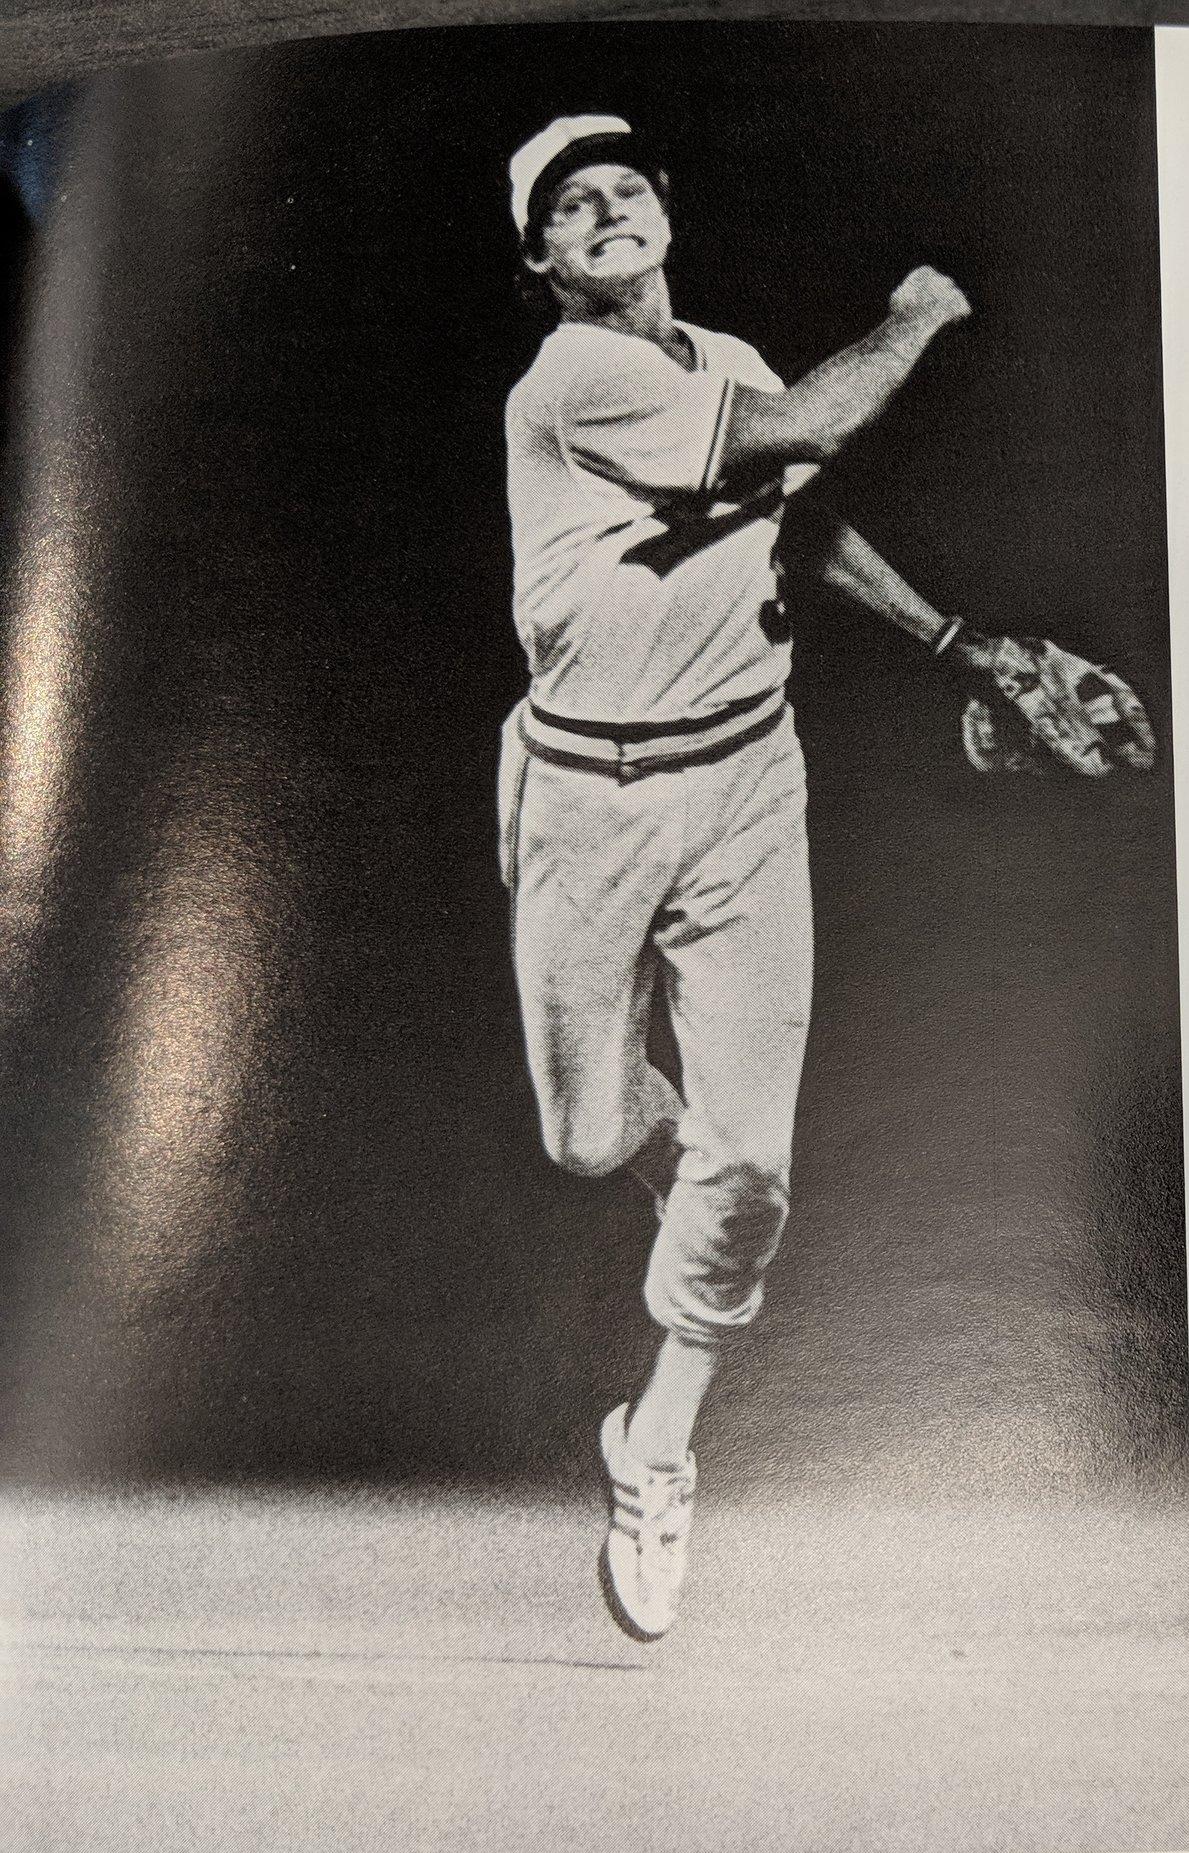 Shortstop Mike Brumley